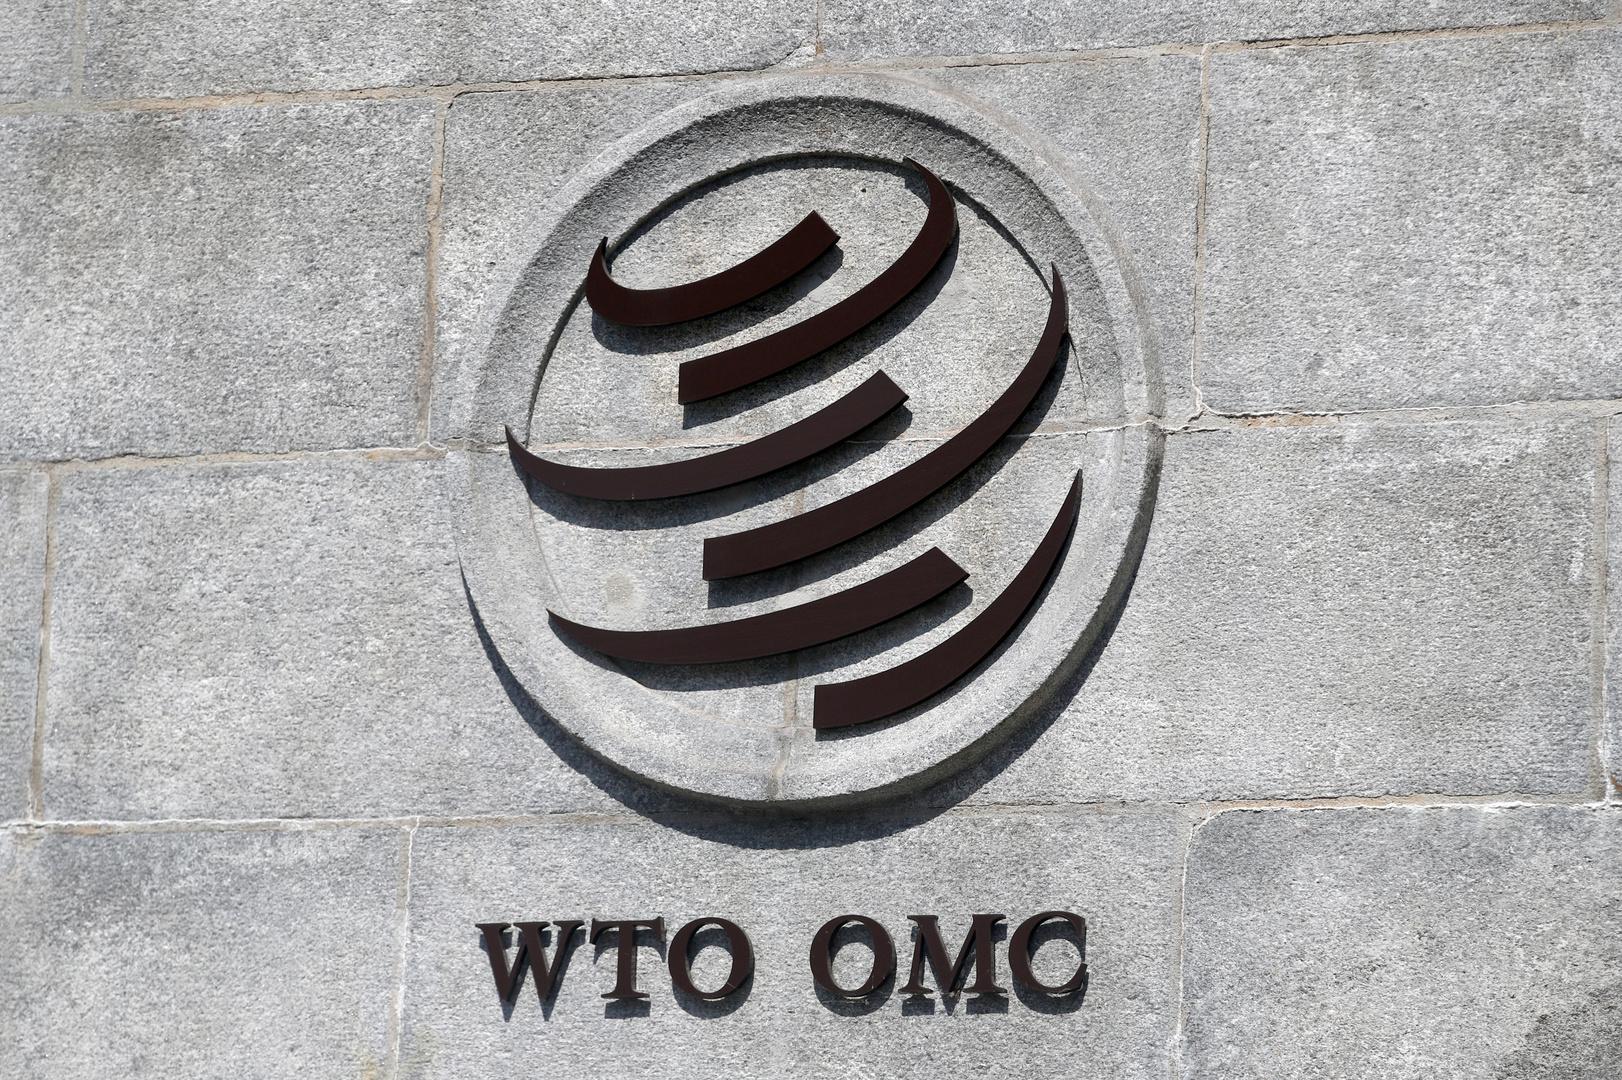 التجارة العالمية: على مجموعة العشرين تمويل تجارة الدول النامية